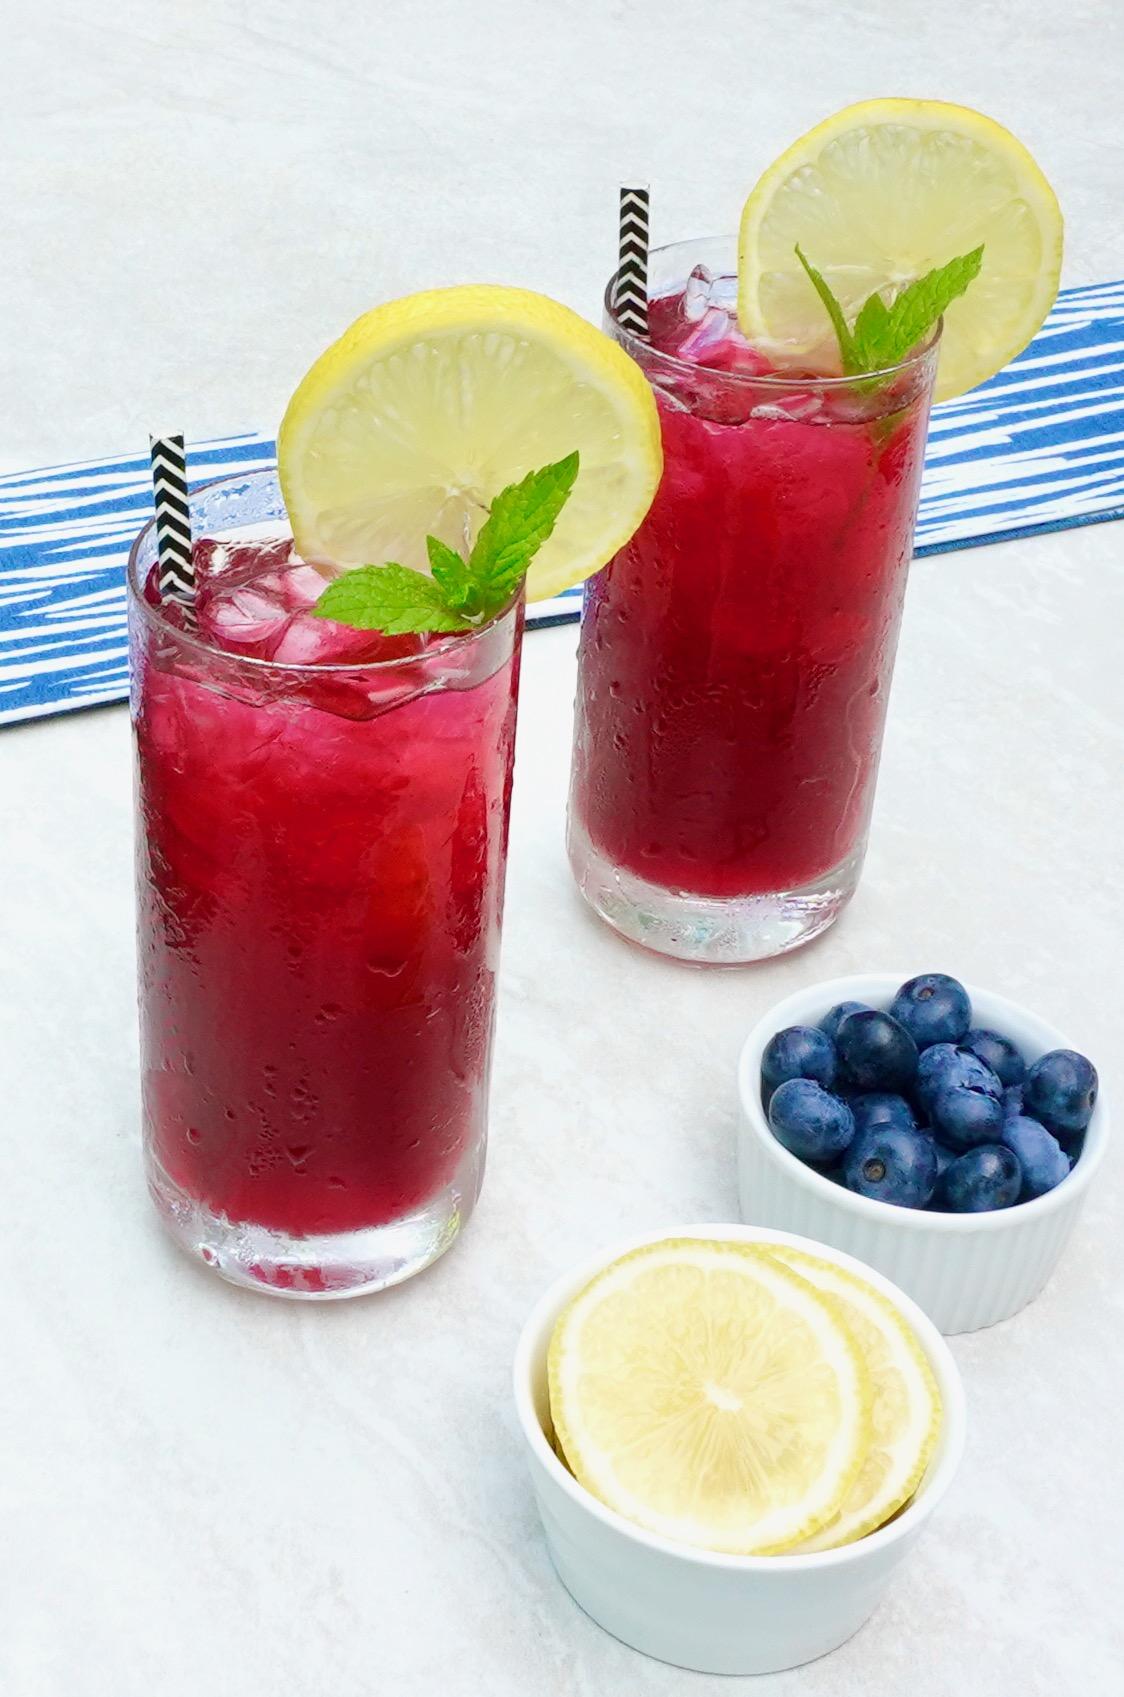 Blueberry Sparkling Lemonade